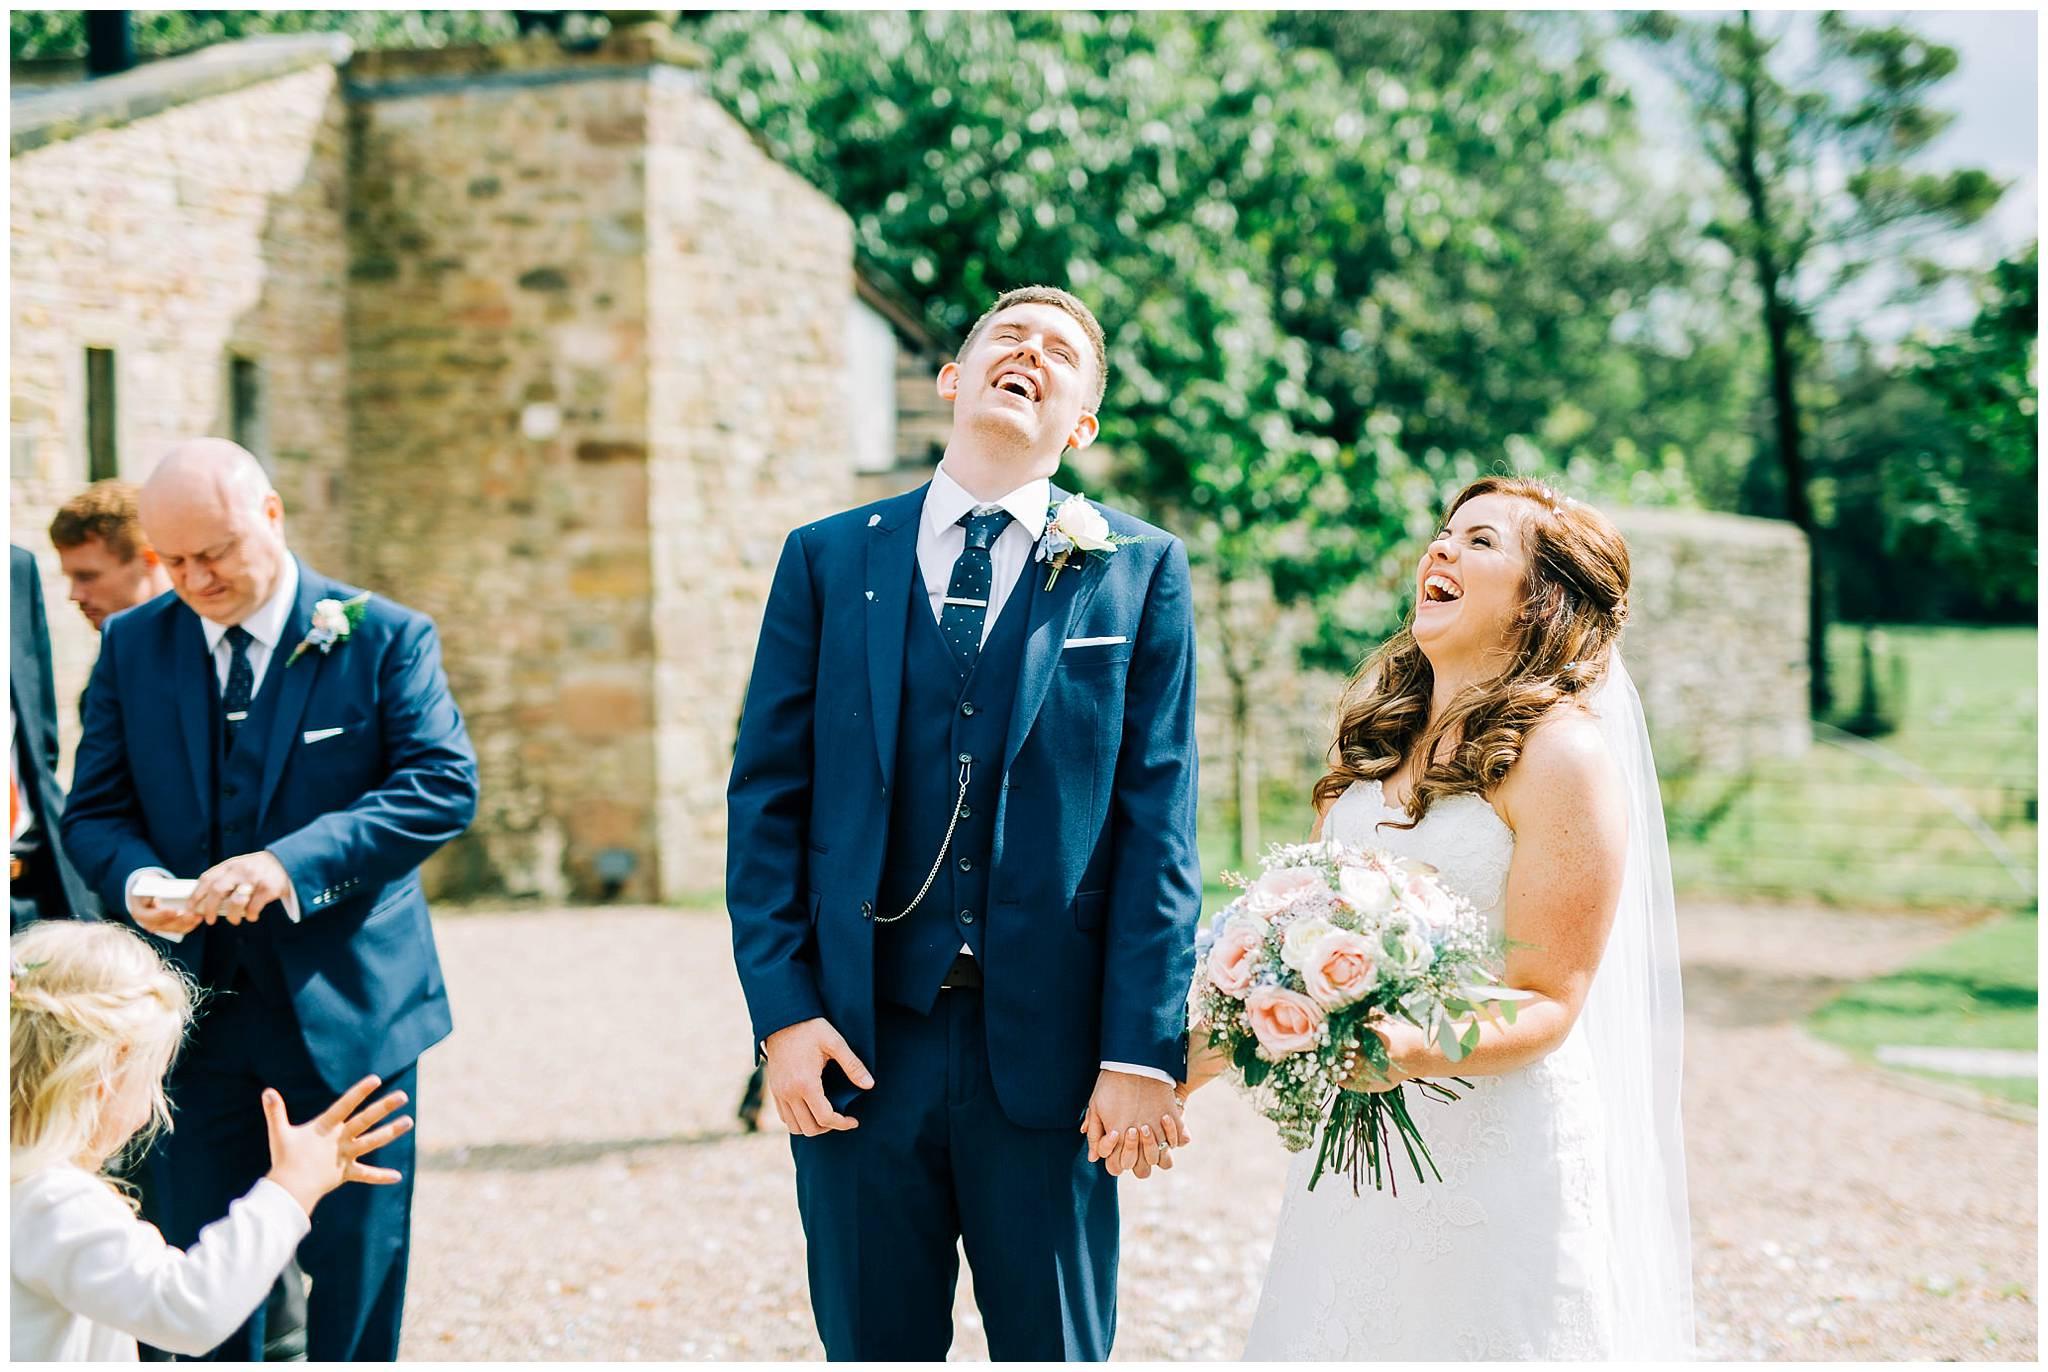 Fun Rustic wedding - browsholme hall and tithe barn Photographer-92.jpg